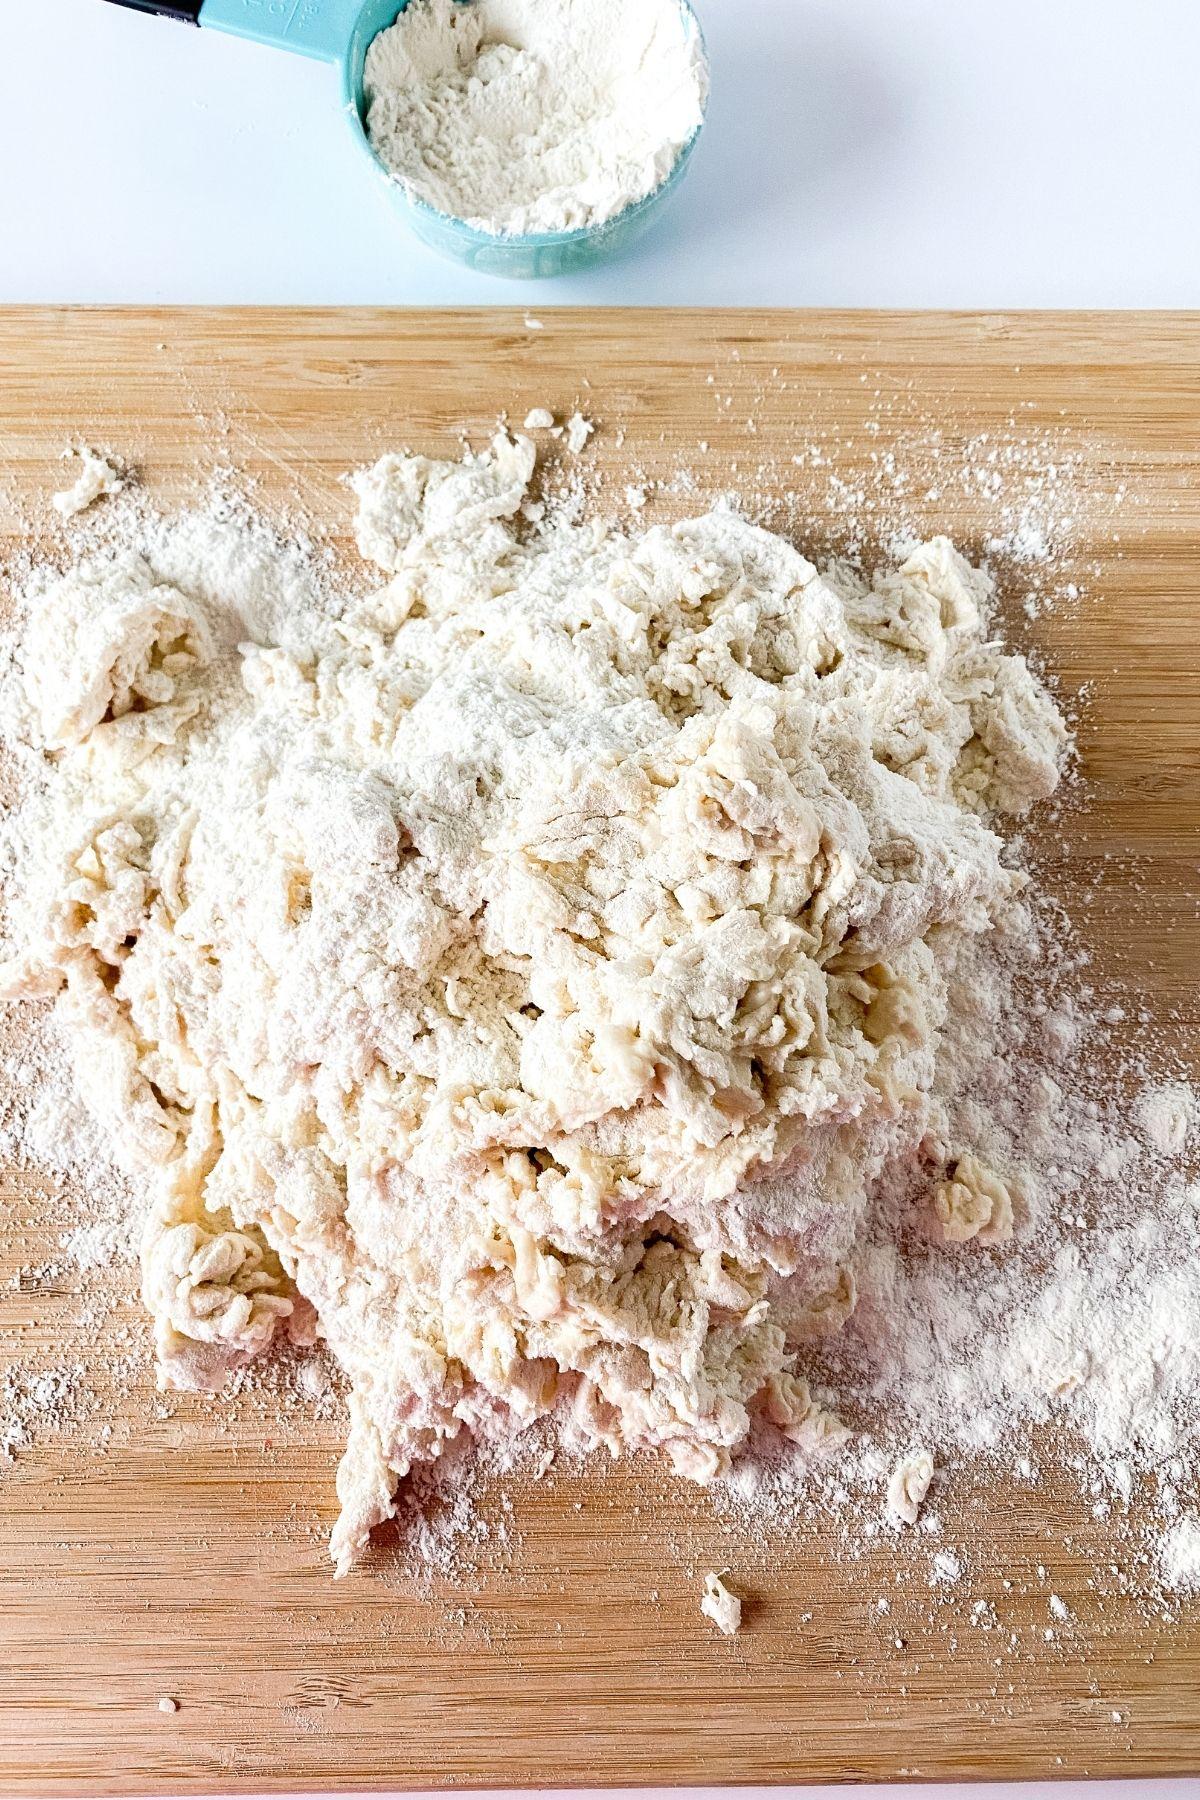 Dough on cutting board